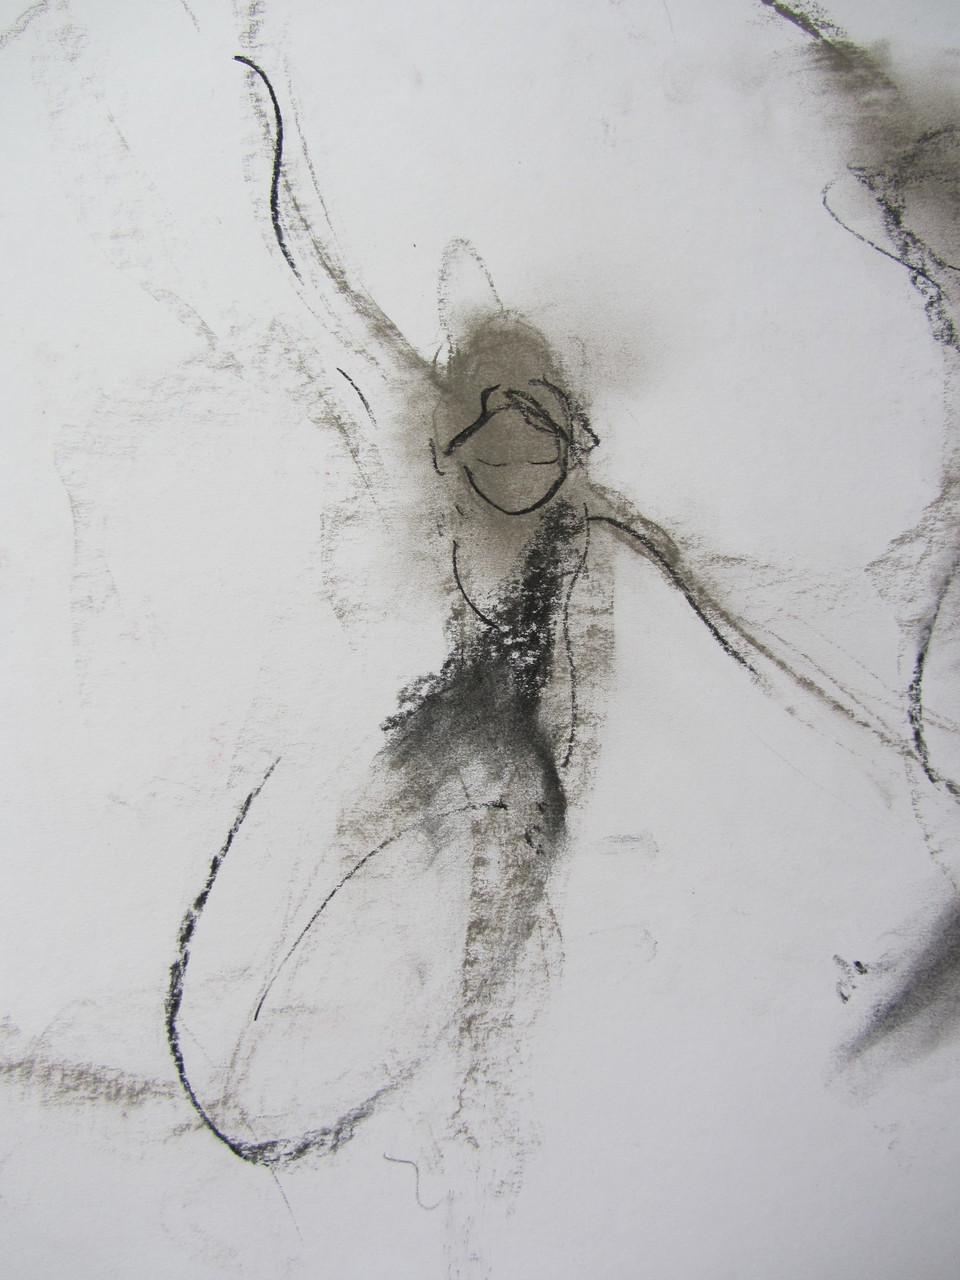 Esquisse au Fusain de Micheline Reboulleau réalisée durant la 1e édition d'AFEDI (Artistes Femmes venez Esquisser la Danse Isadorienne le 6 Avril 2013_ collection privée de Drachin von Terra.